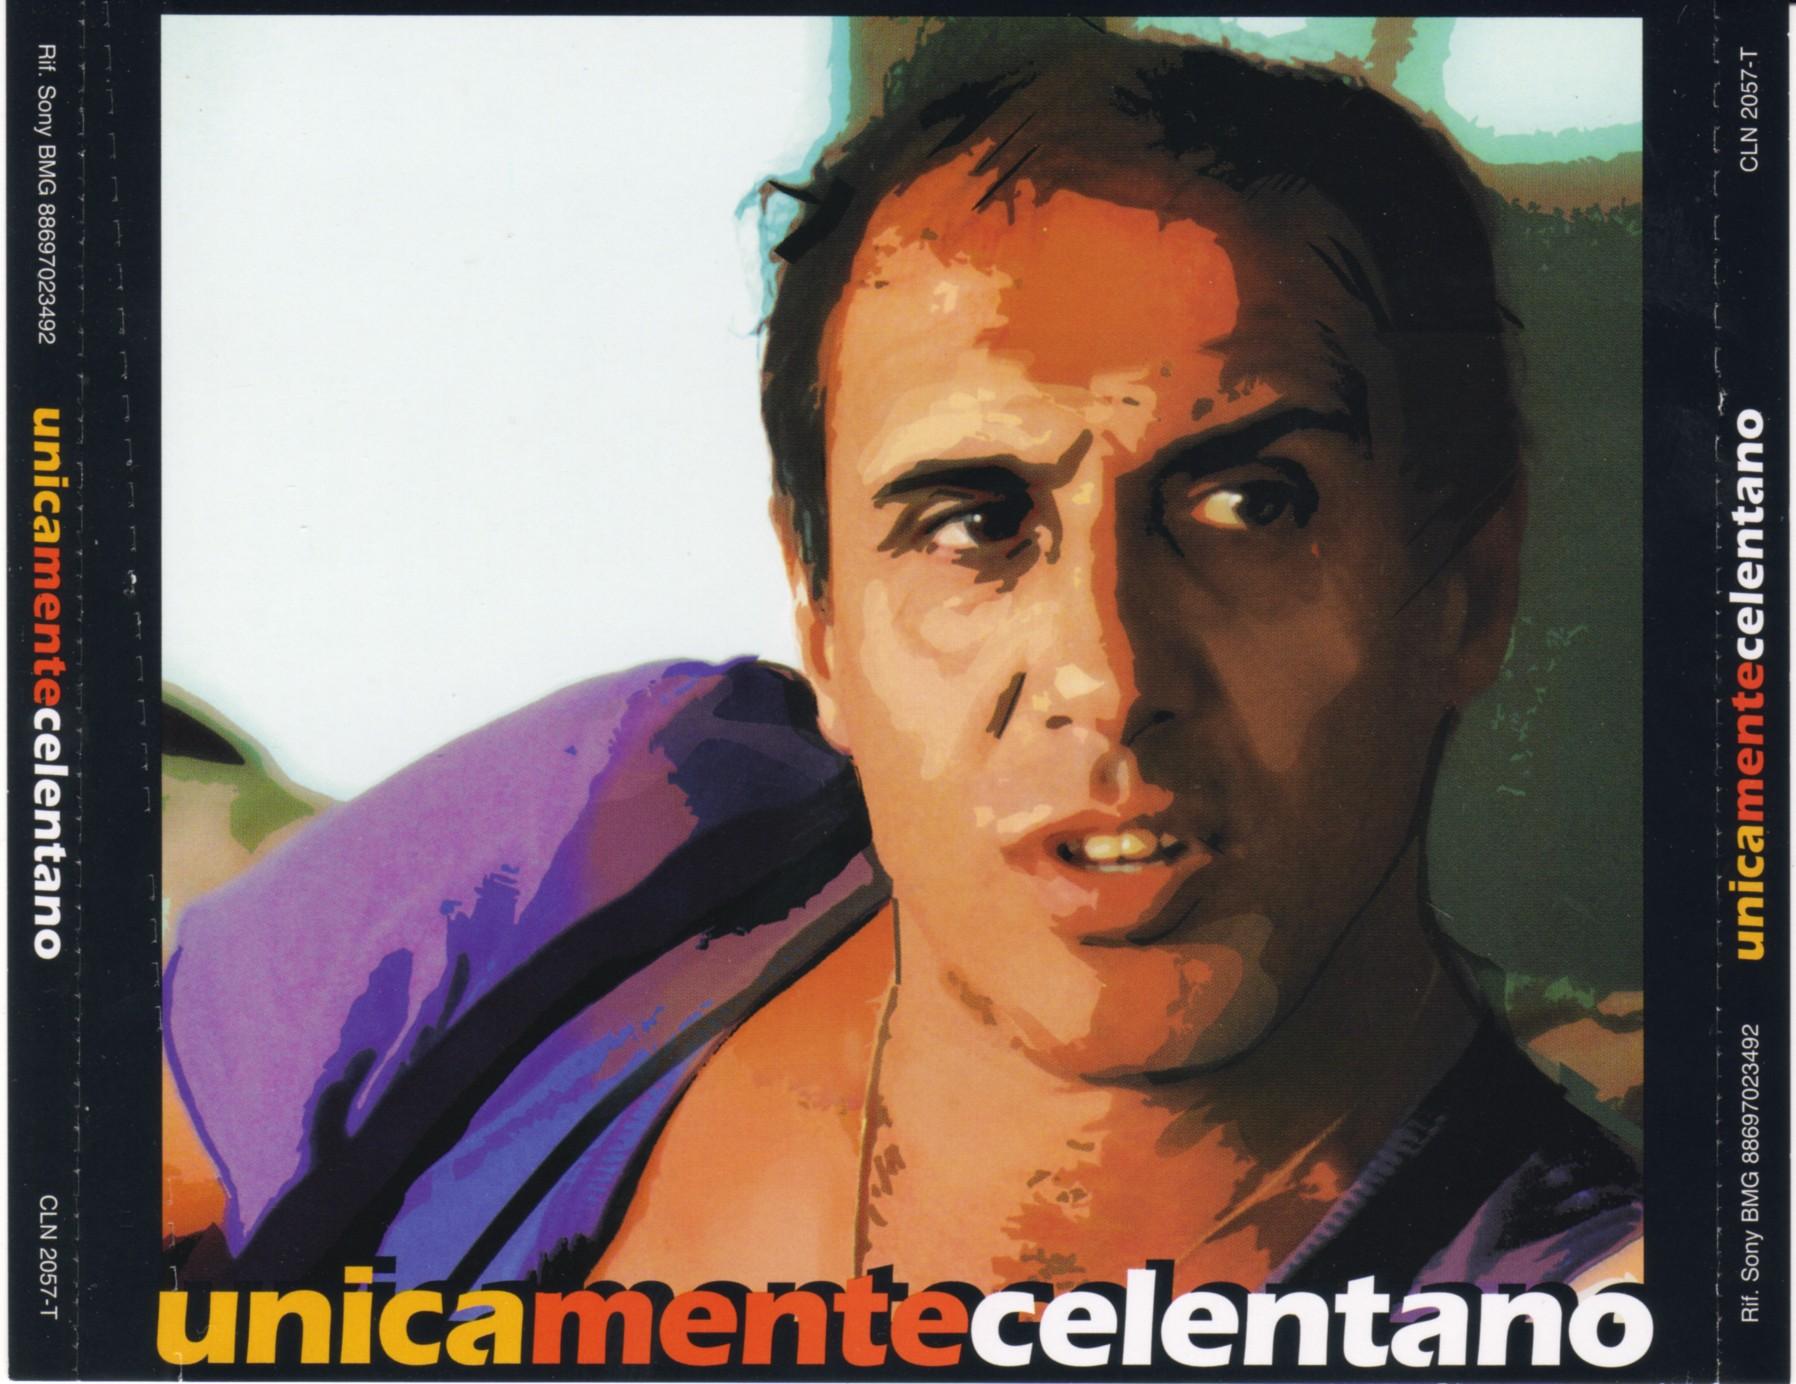 Adriano Celentano Prisencolinensinainciusol Tutti Frutti